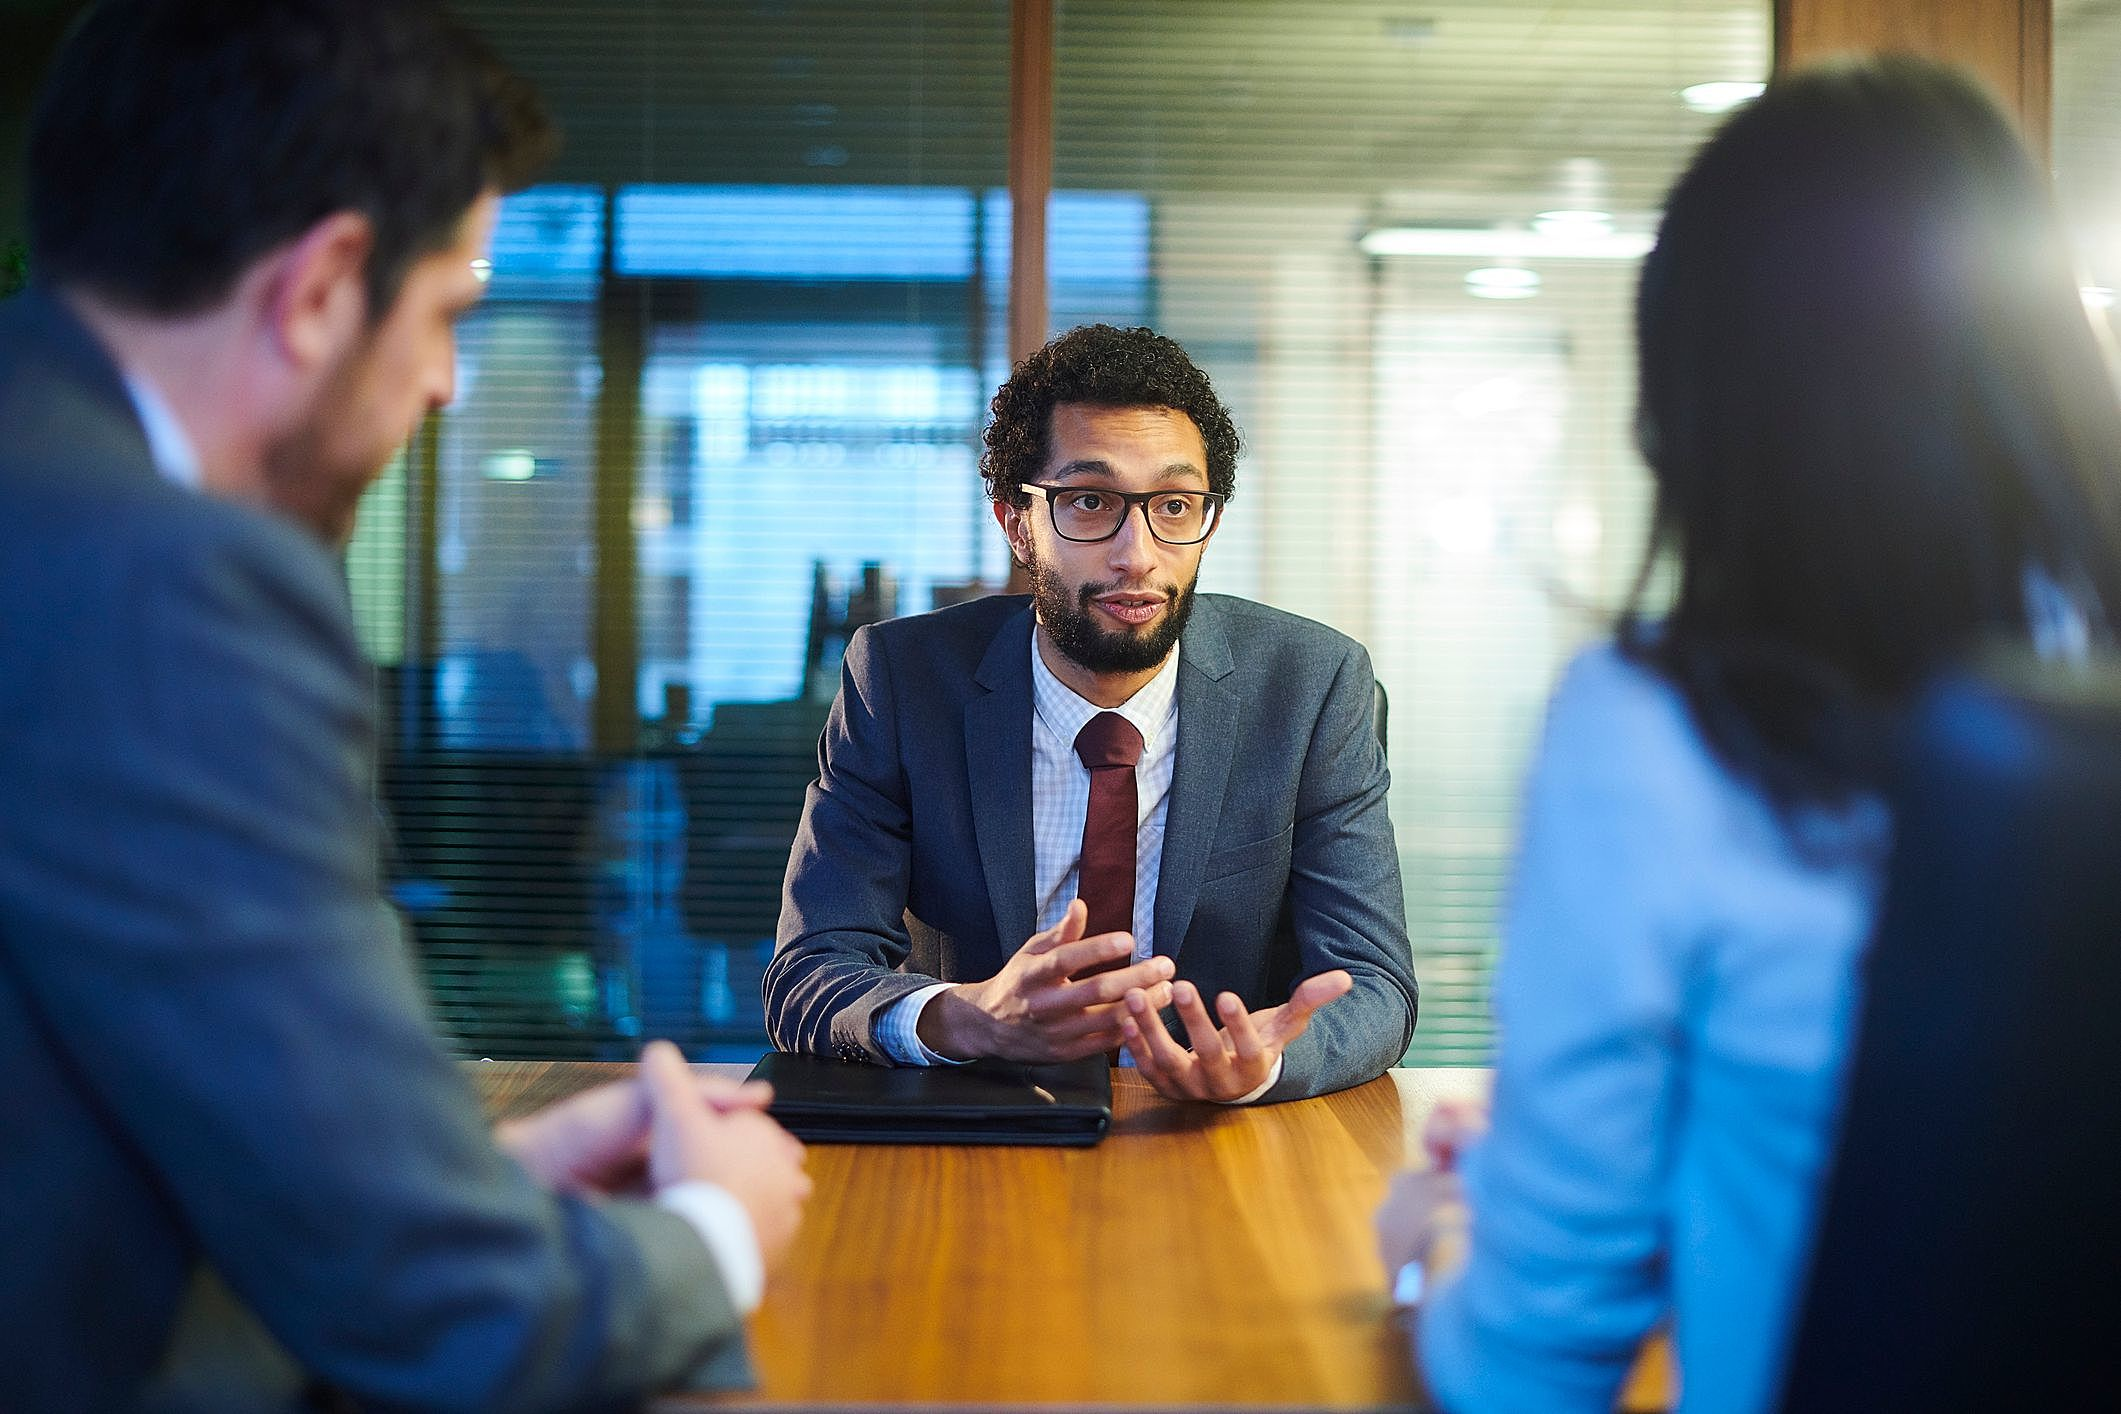 O que é executive research? Entenda quais são as vantagens